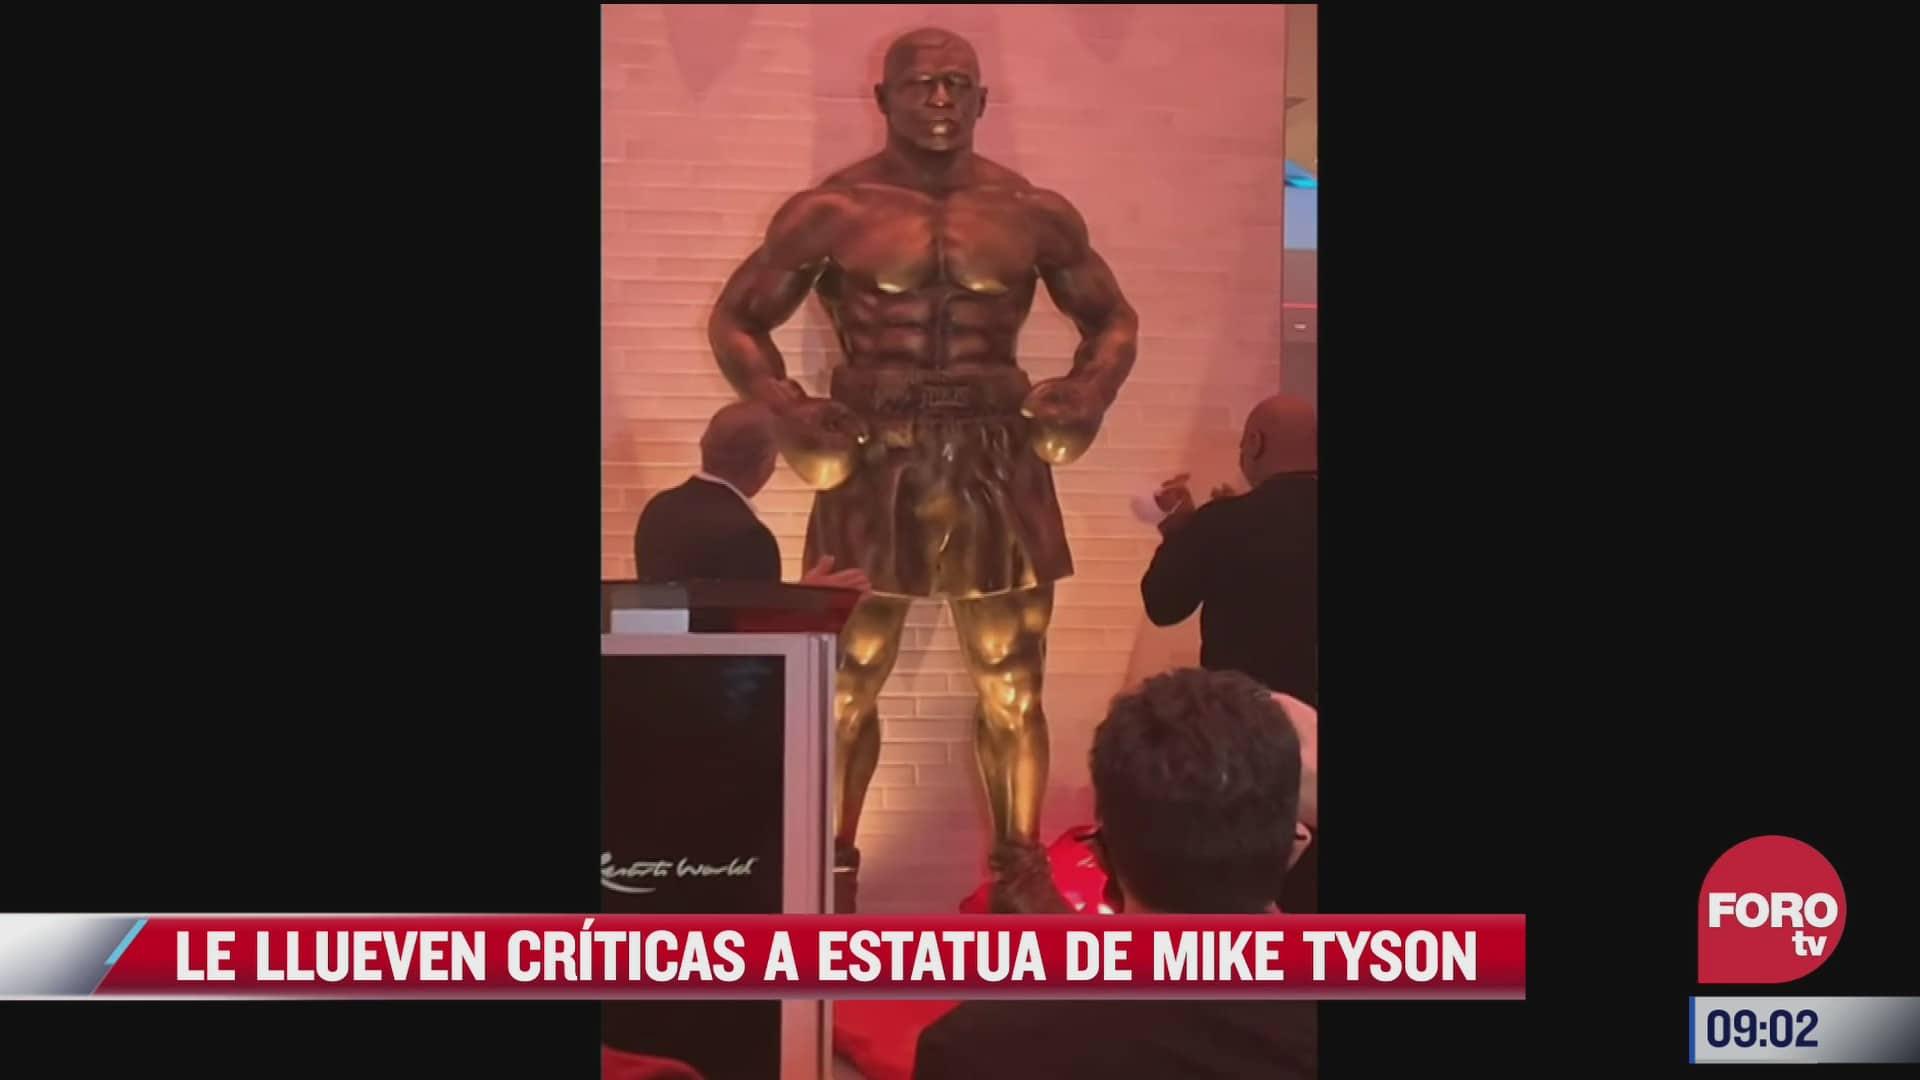 le llueven criticas a estatua de mike tyson